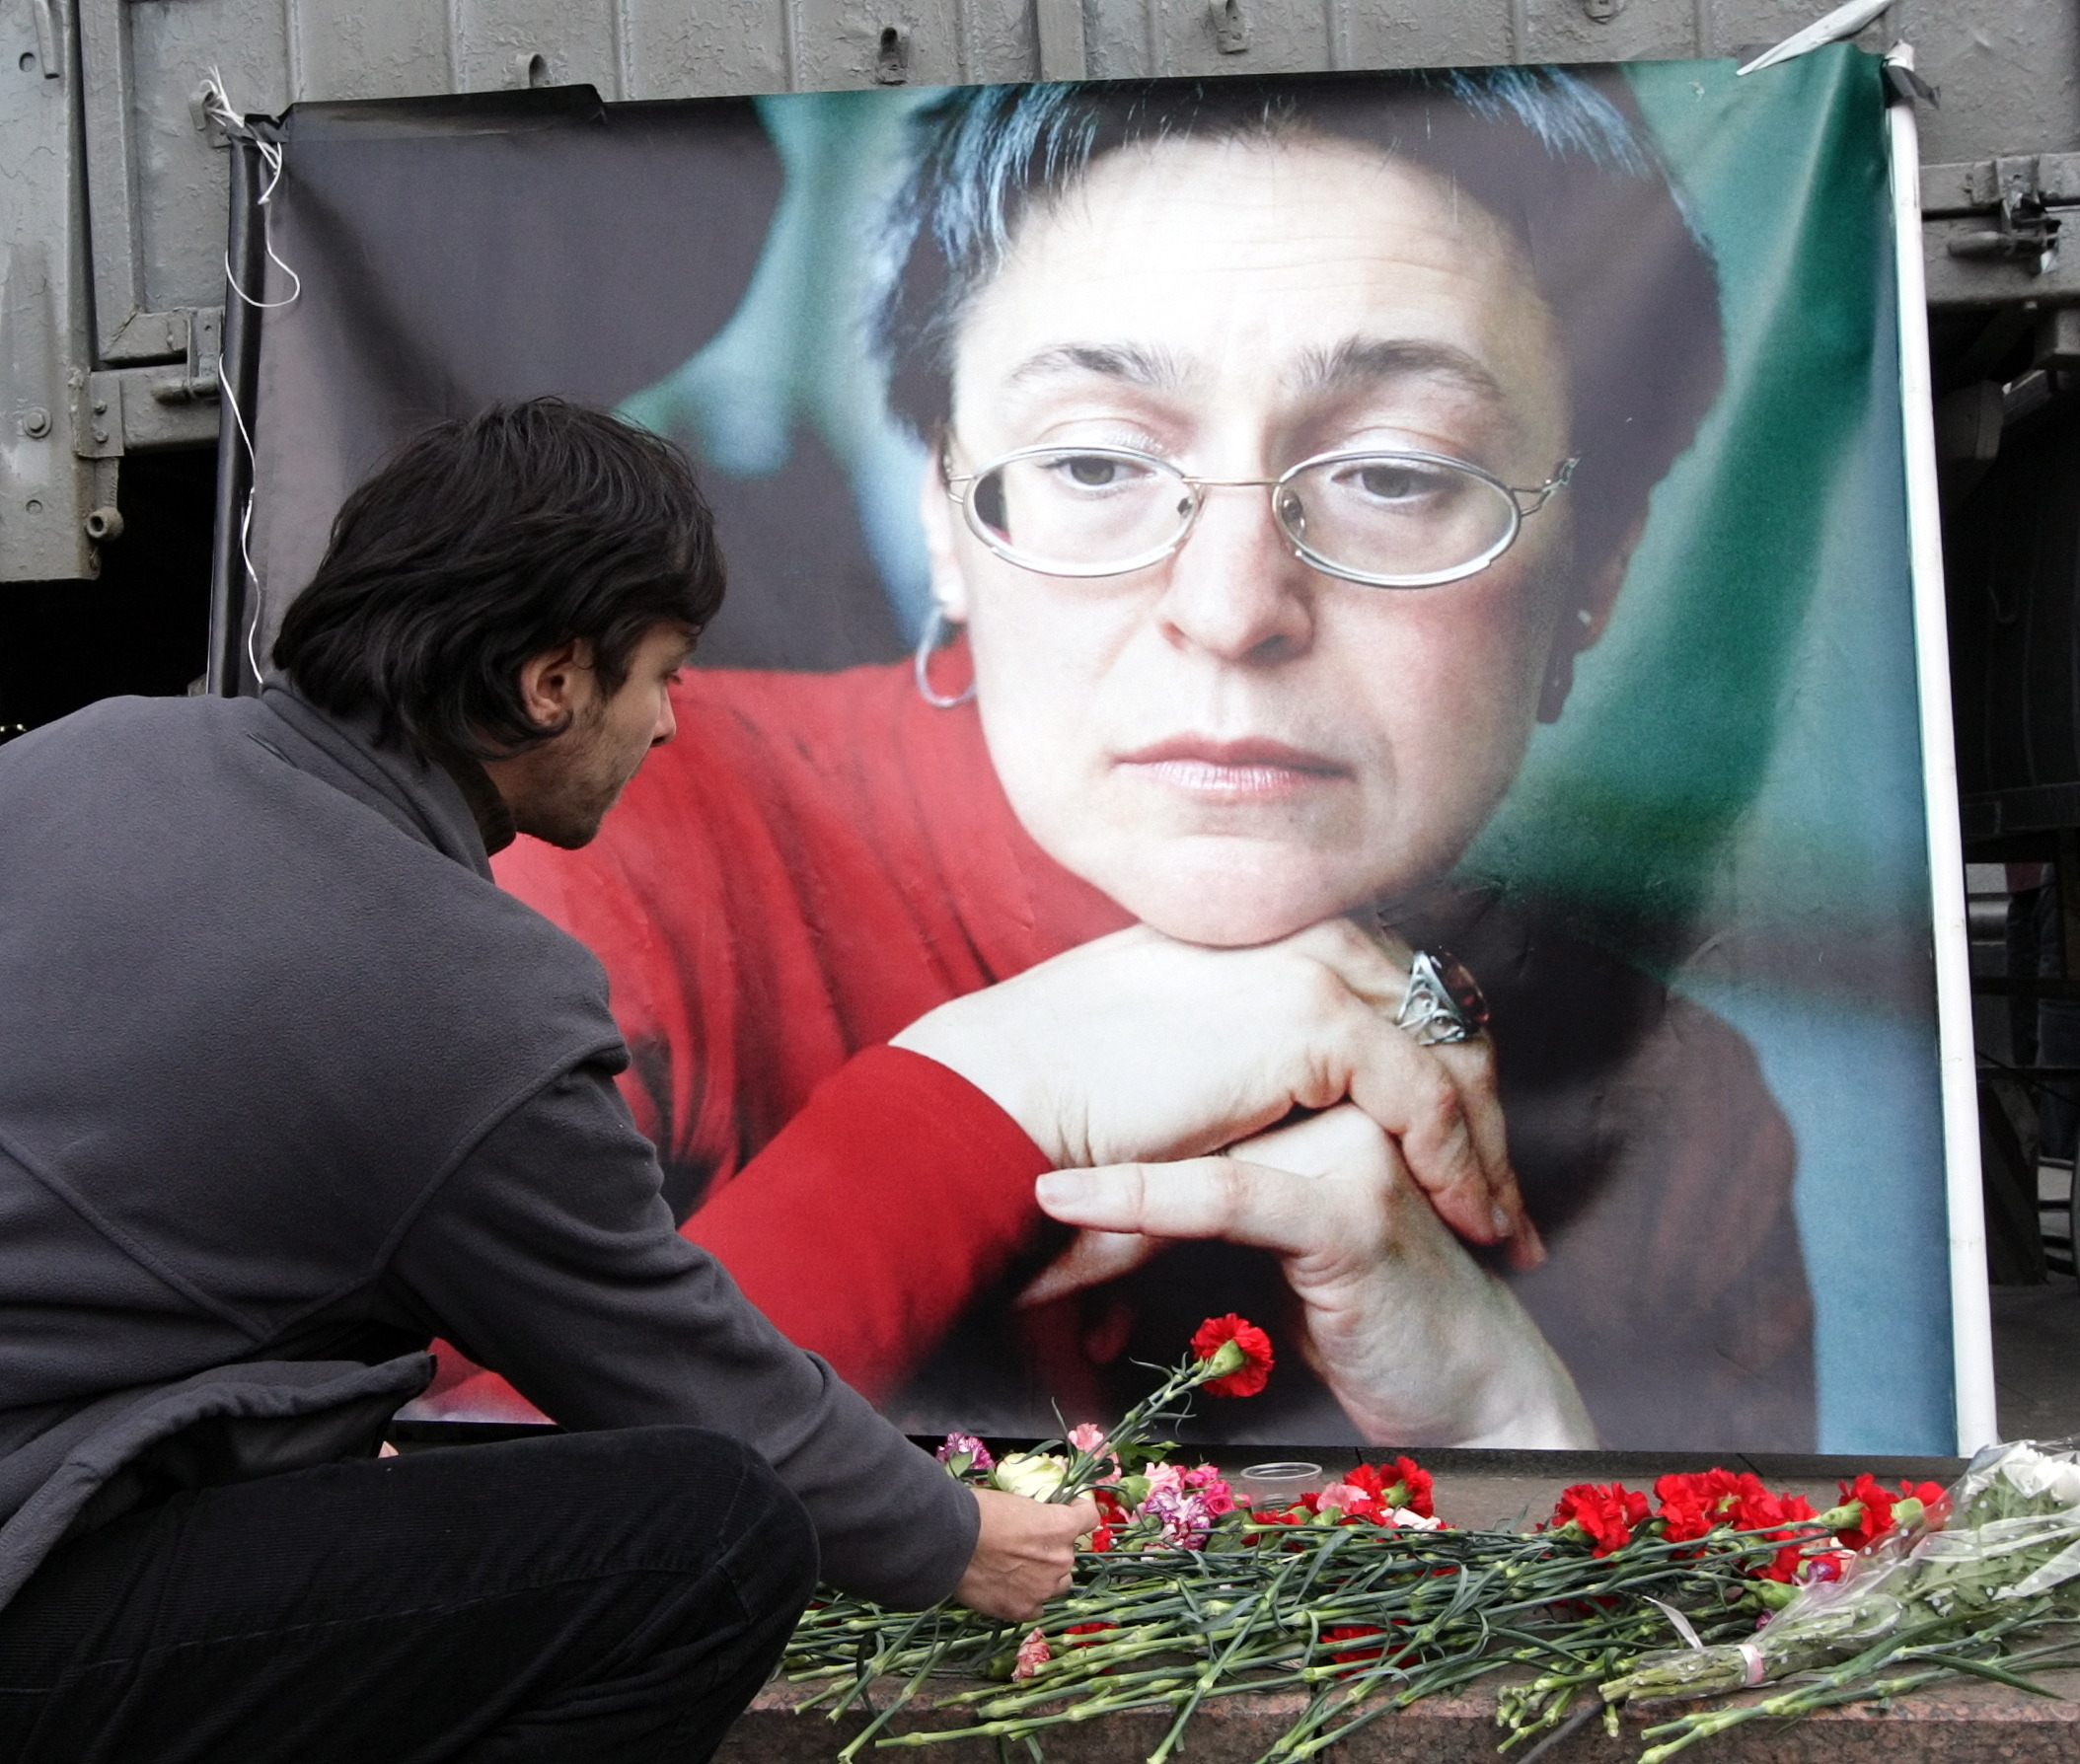 Žmogus deda gėles prie nužudytos žurnalistės portreto.